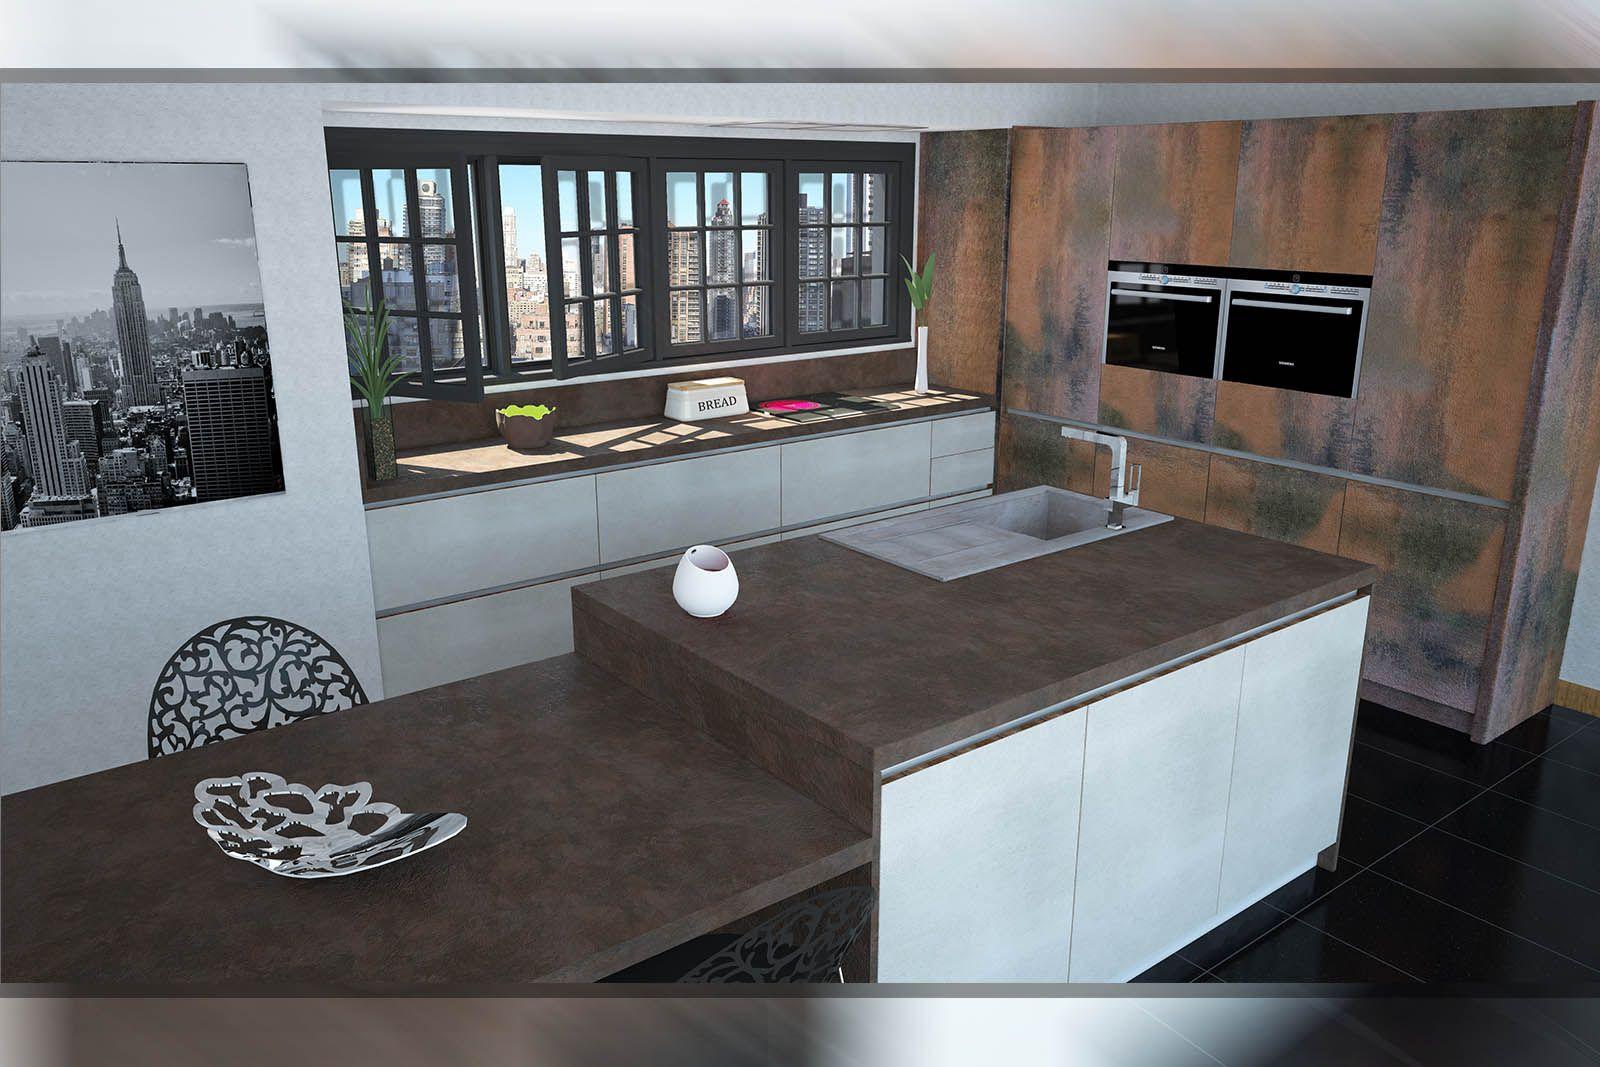 Cocina completa montada en casa con electrodom sticos for Cocinas completas con electrodomesticos